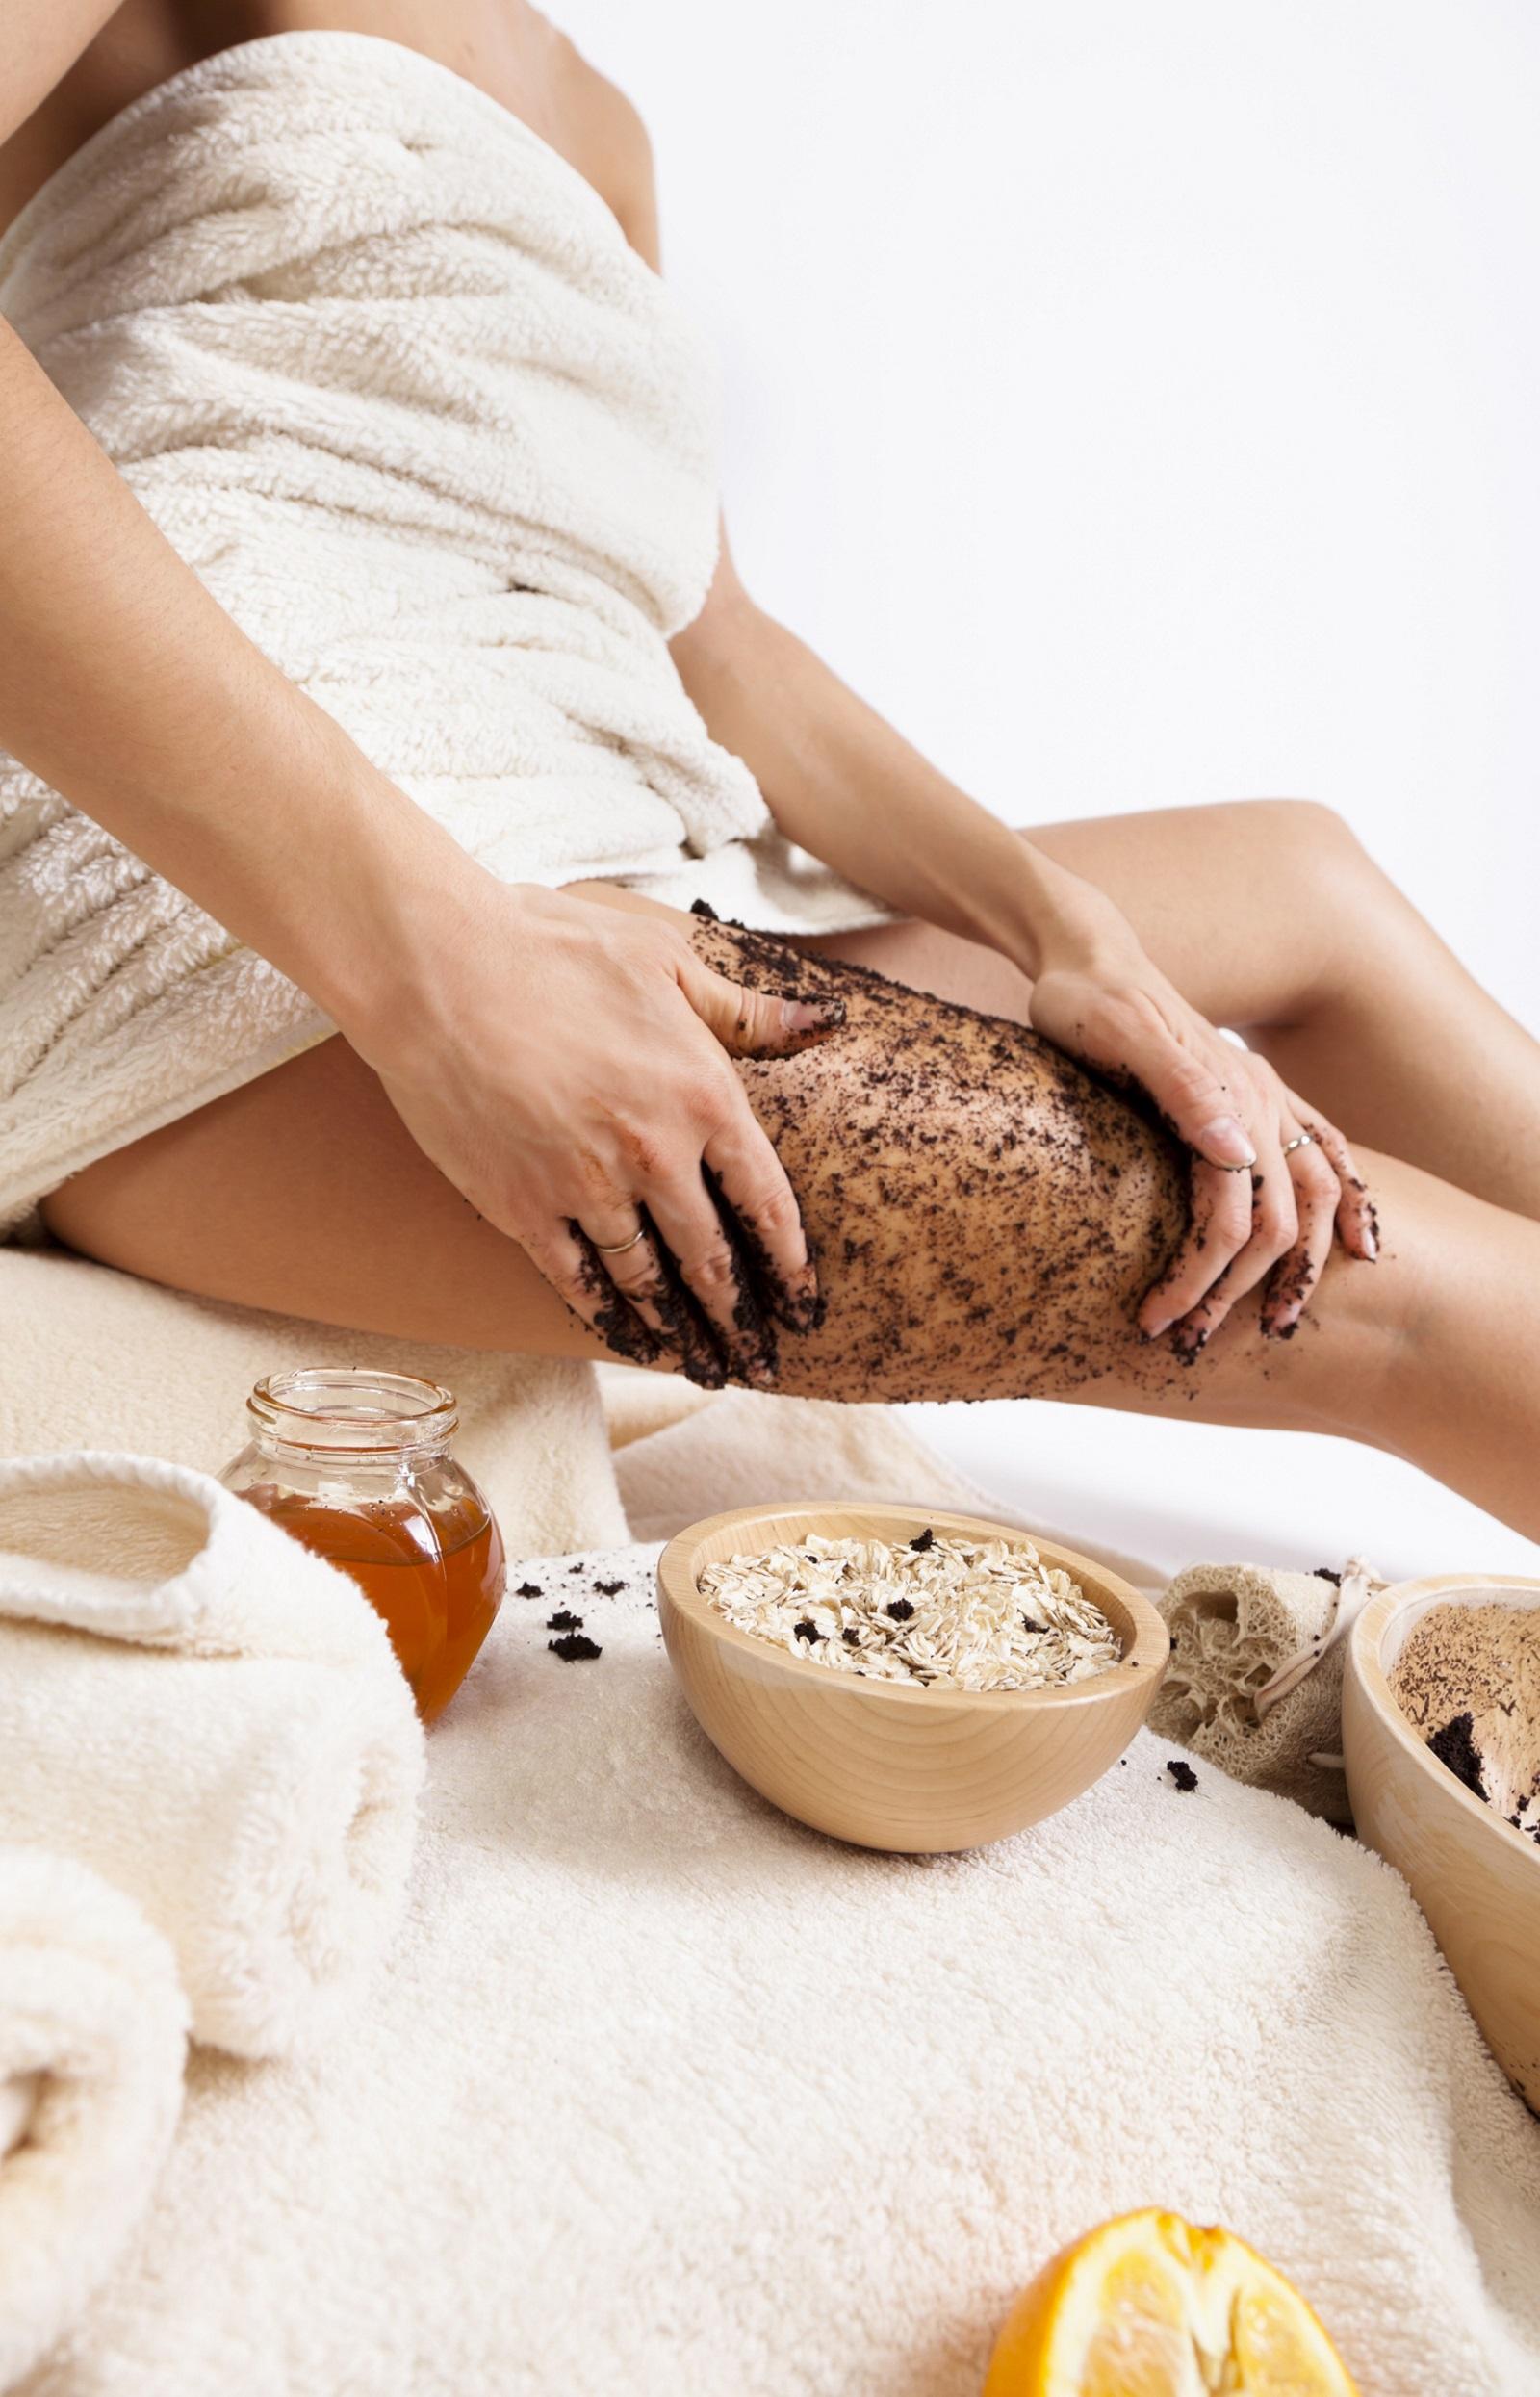 Можете да натискате и по-силно, за да проникне в кожата и кофеинът да започне да разбива мастните депа. По този начин кожата става гладка, еластична и мекичка.